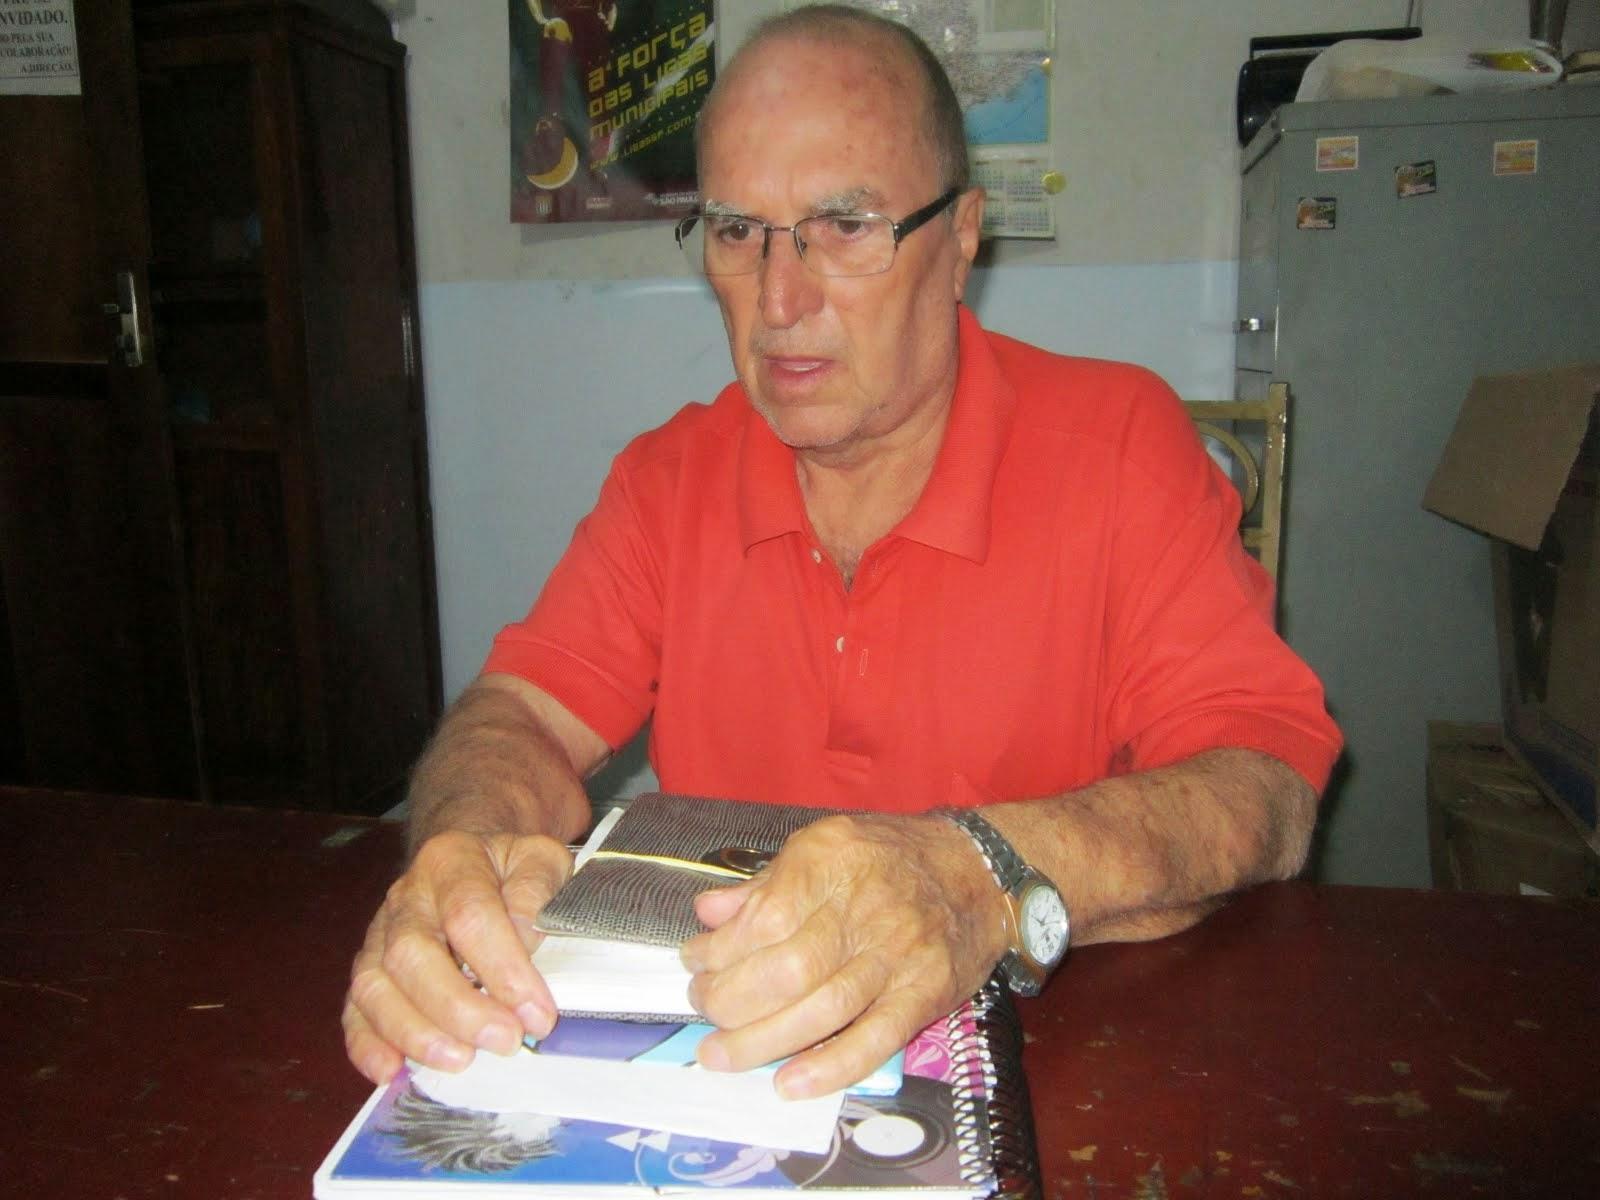 PRES SR. VICENTE SILVESTRE FOI REELEITO E COMANDARA A LBFA DE 2015 A 2019 BOA SORTE